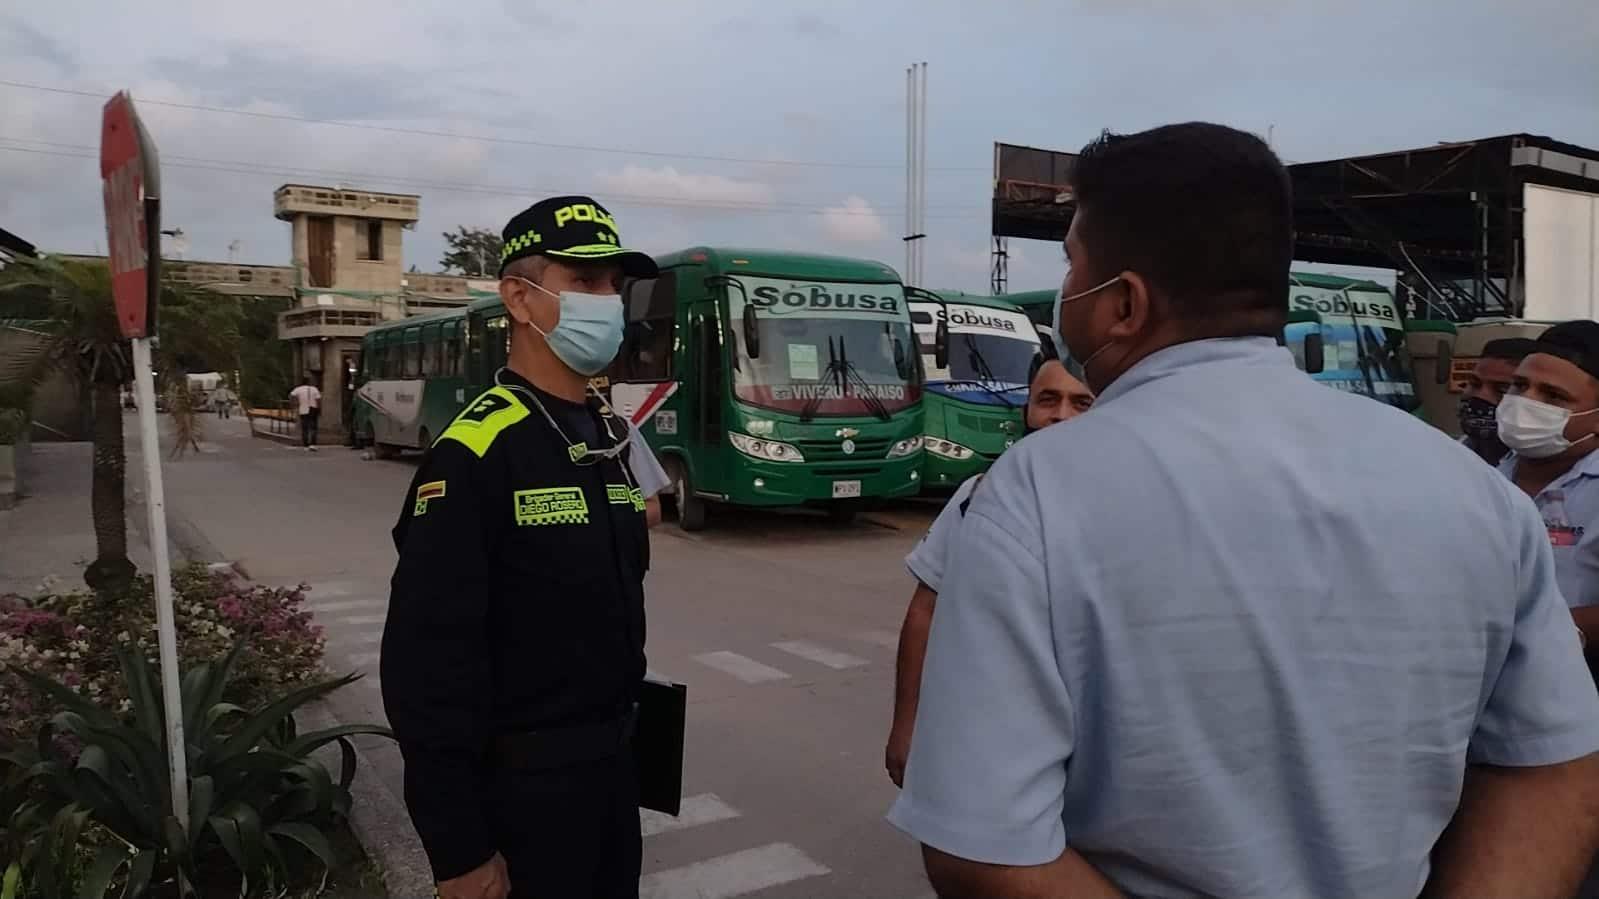 El comandante de la Policía Metropolitana de Barranquilla, general Diego Rosero, se reunió con conductores de Sobusa después de los primeros dos ataques.